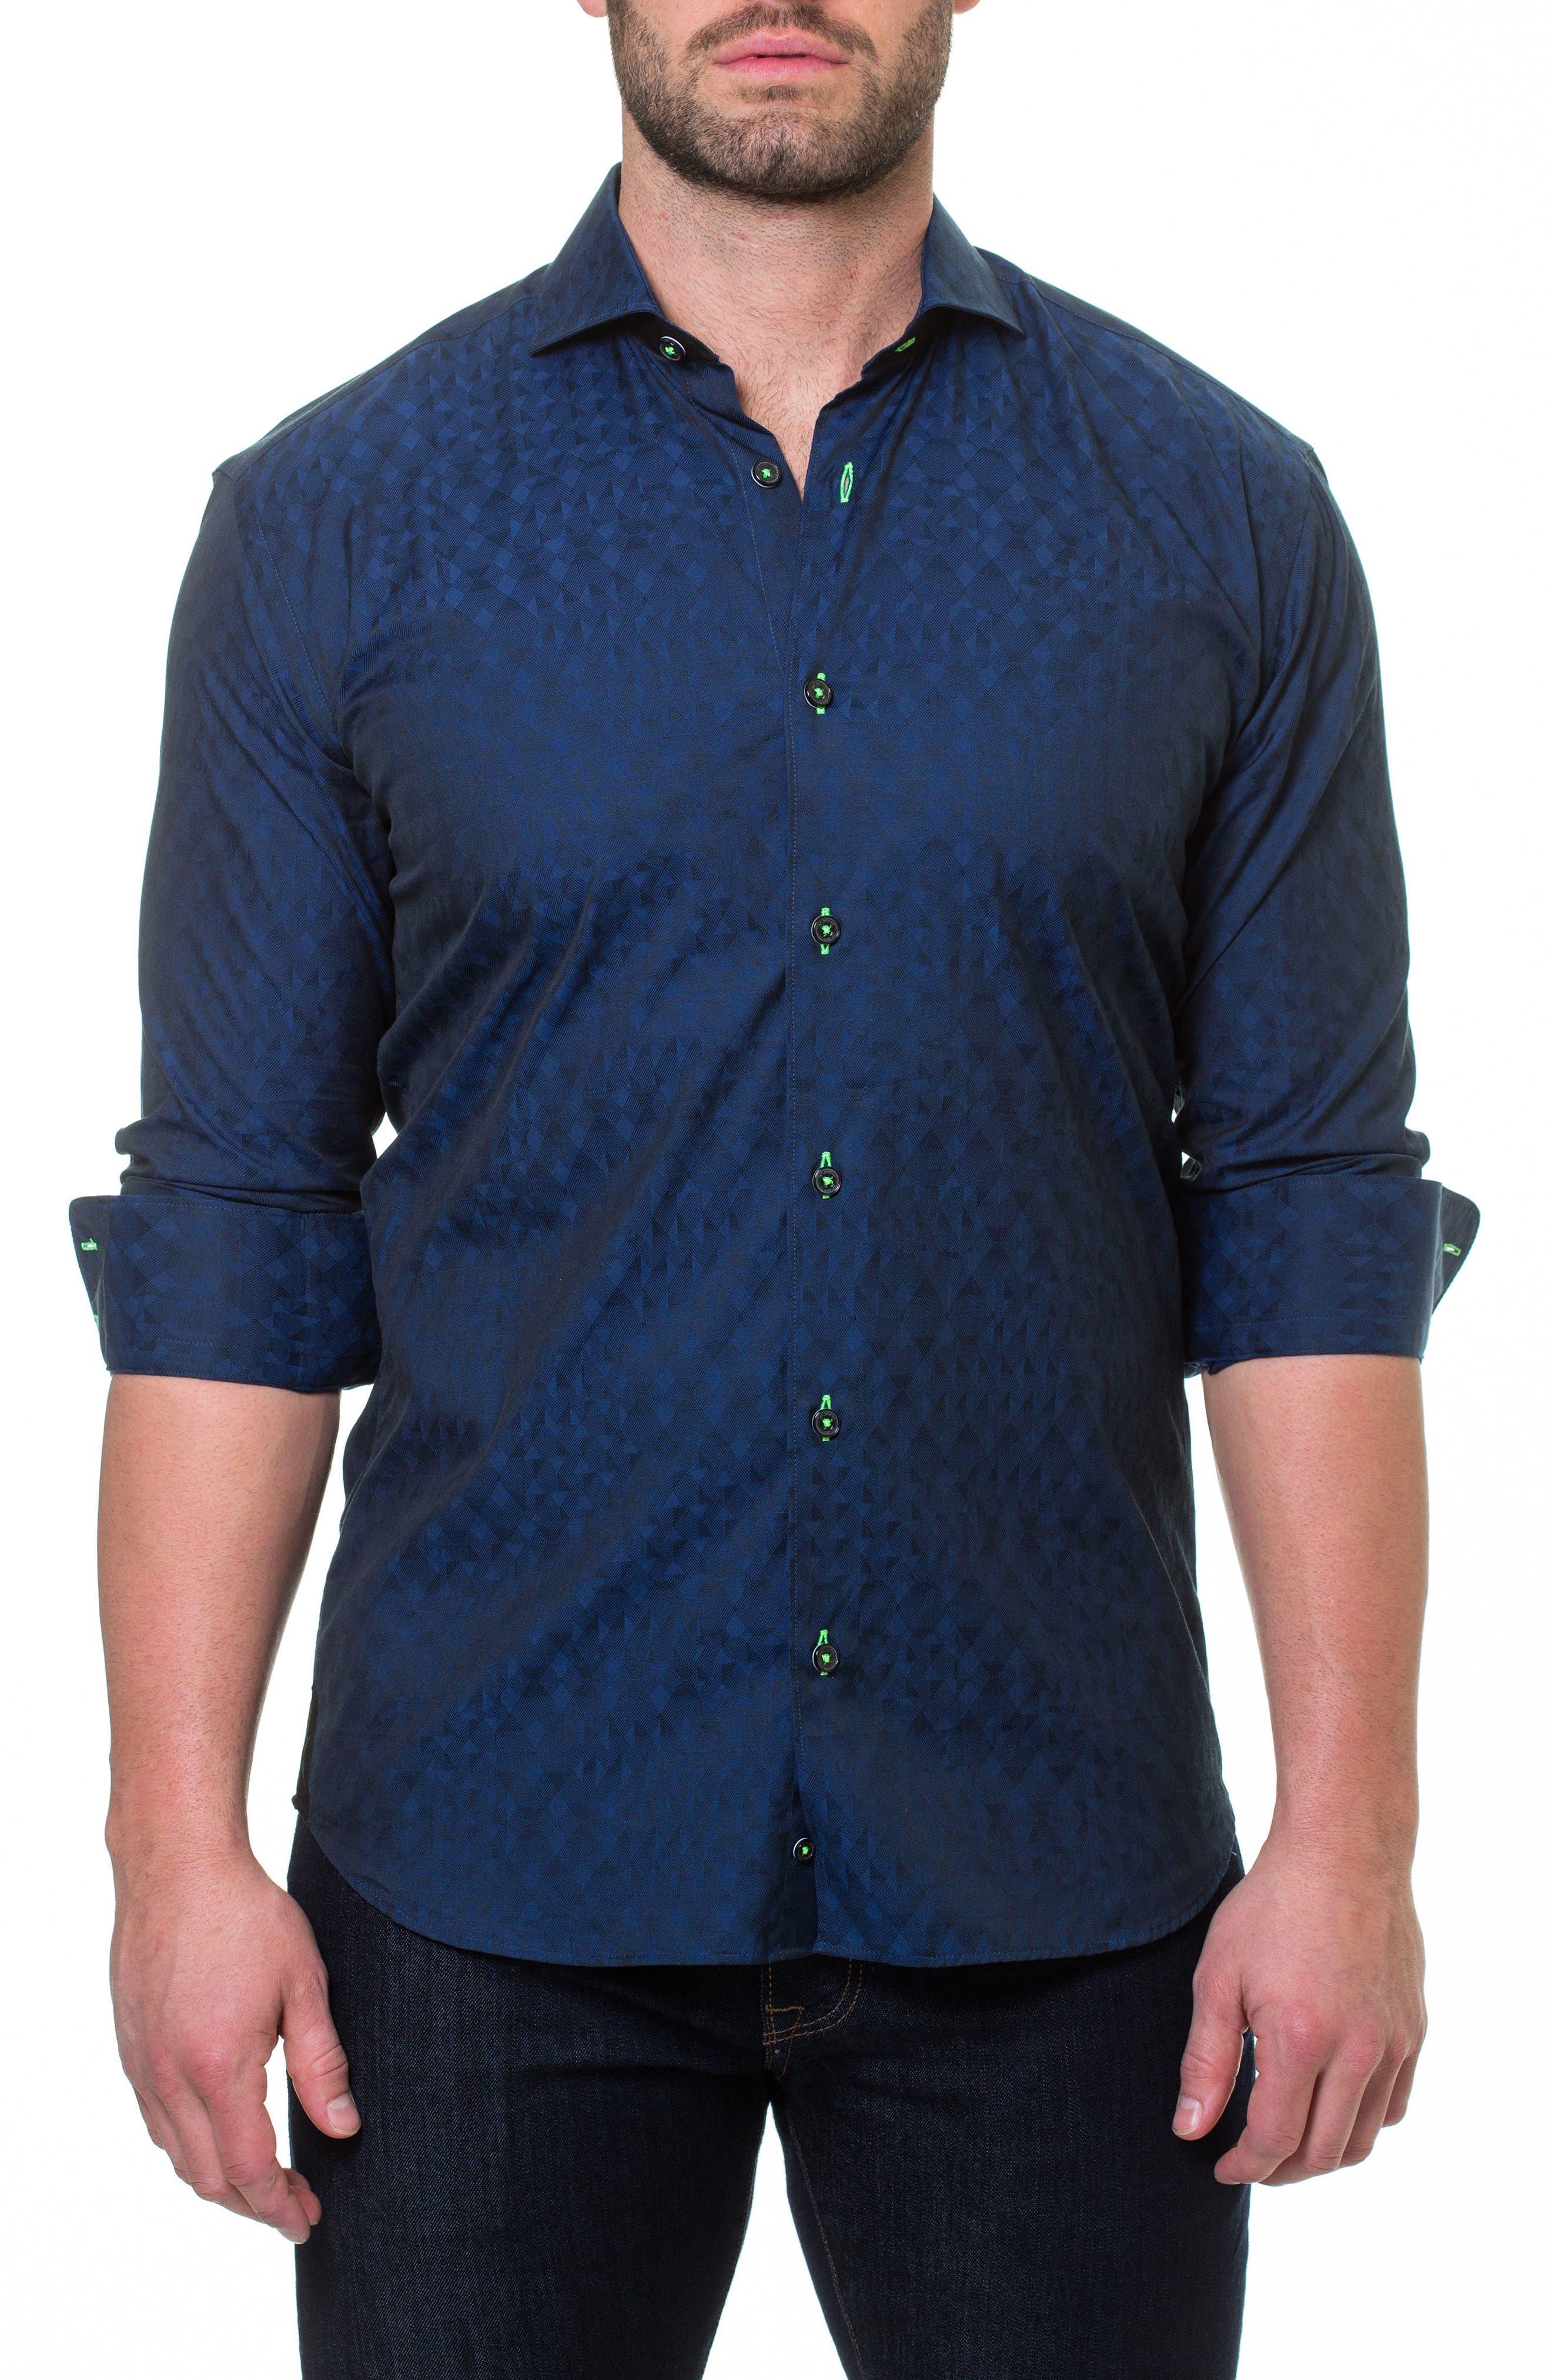 Maceoo Wall Street ABC Blue Slim Fit Sport Shirt